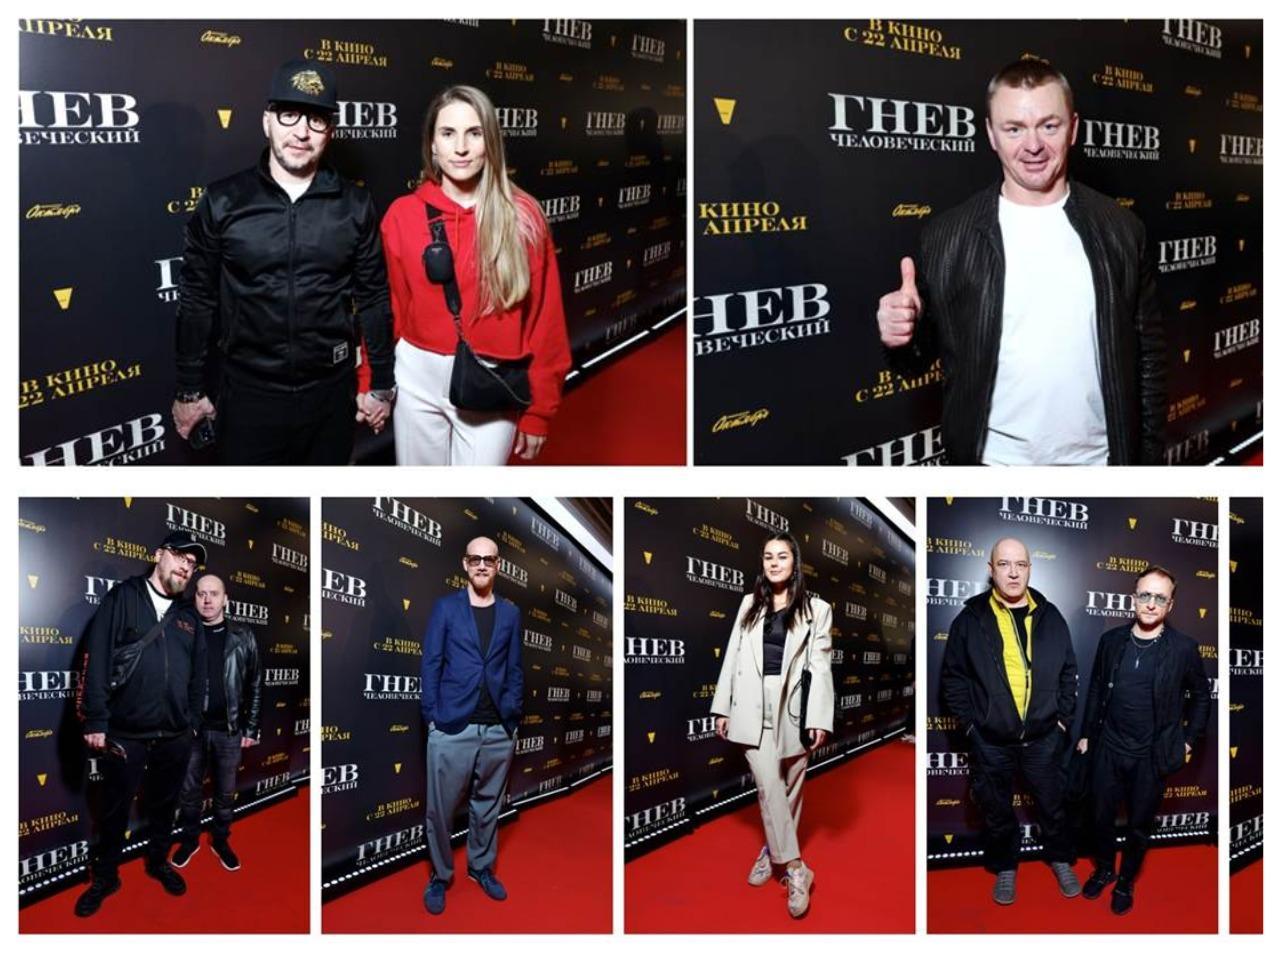 Харламов, Бурунов, Шалаева с сыном, Хазанова, Колокольников и другие на премьере «Гнева человеческого»